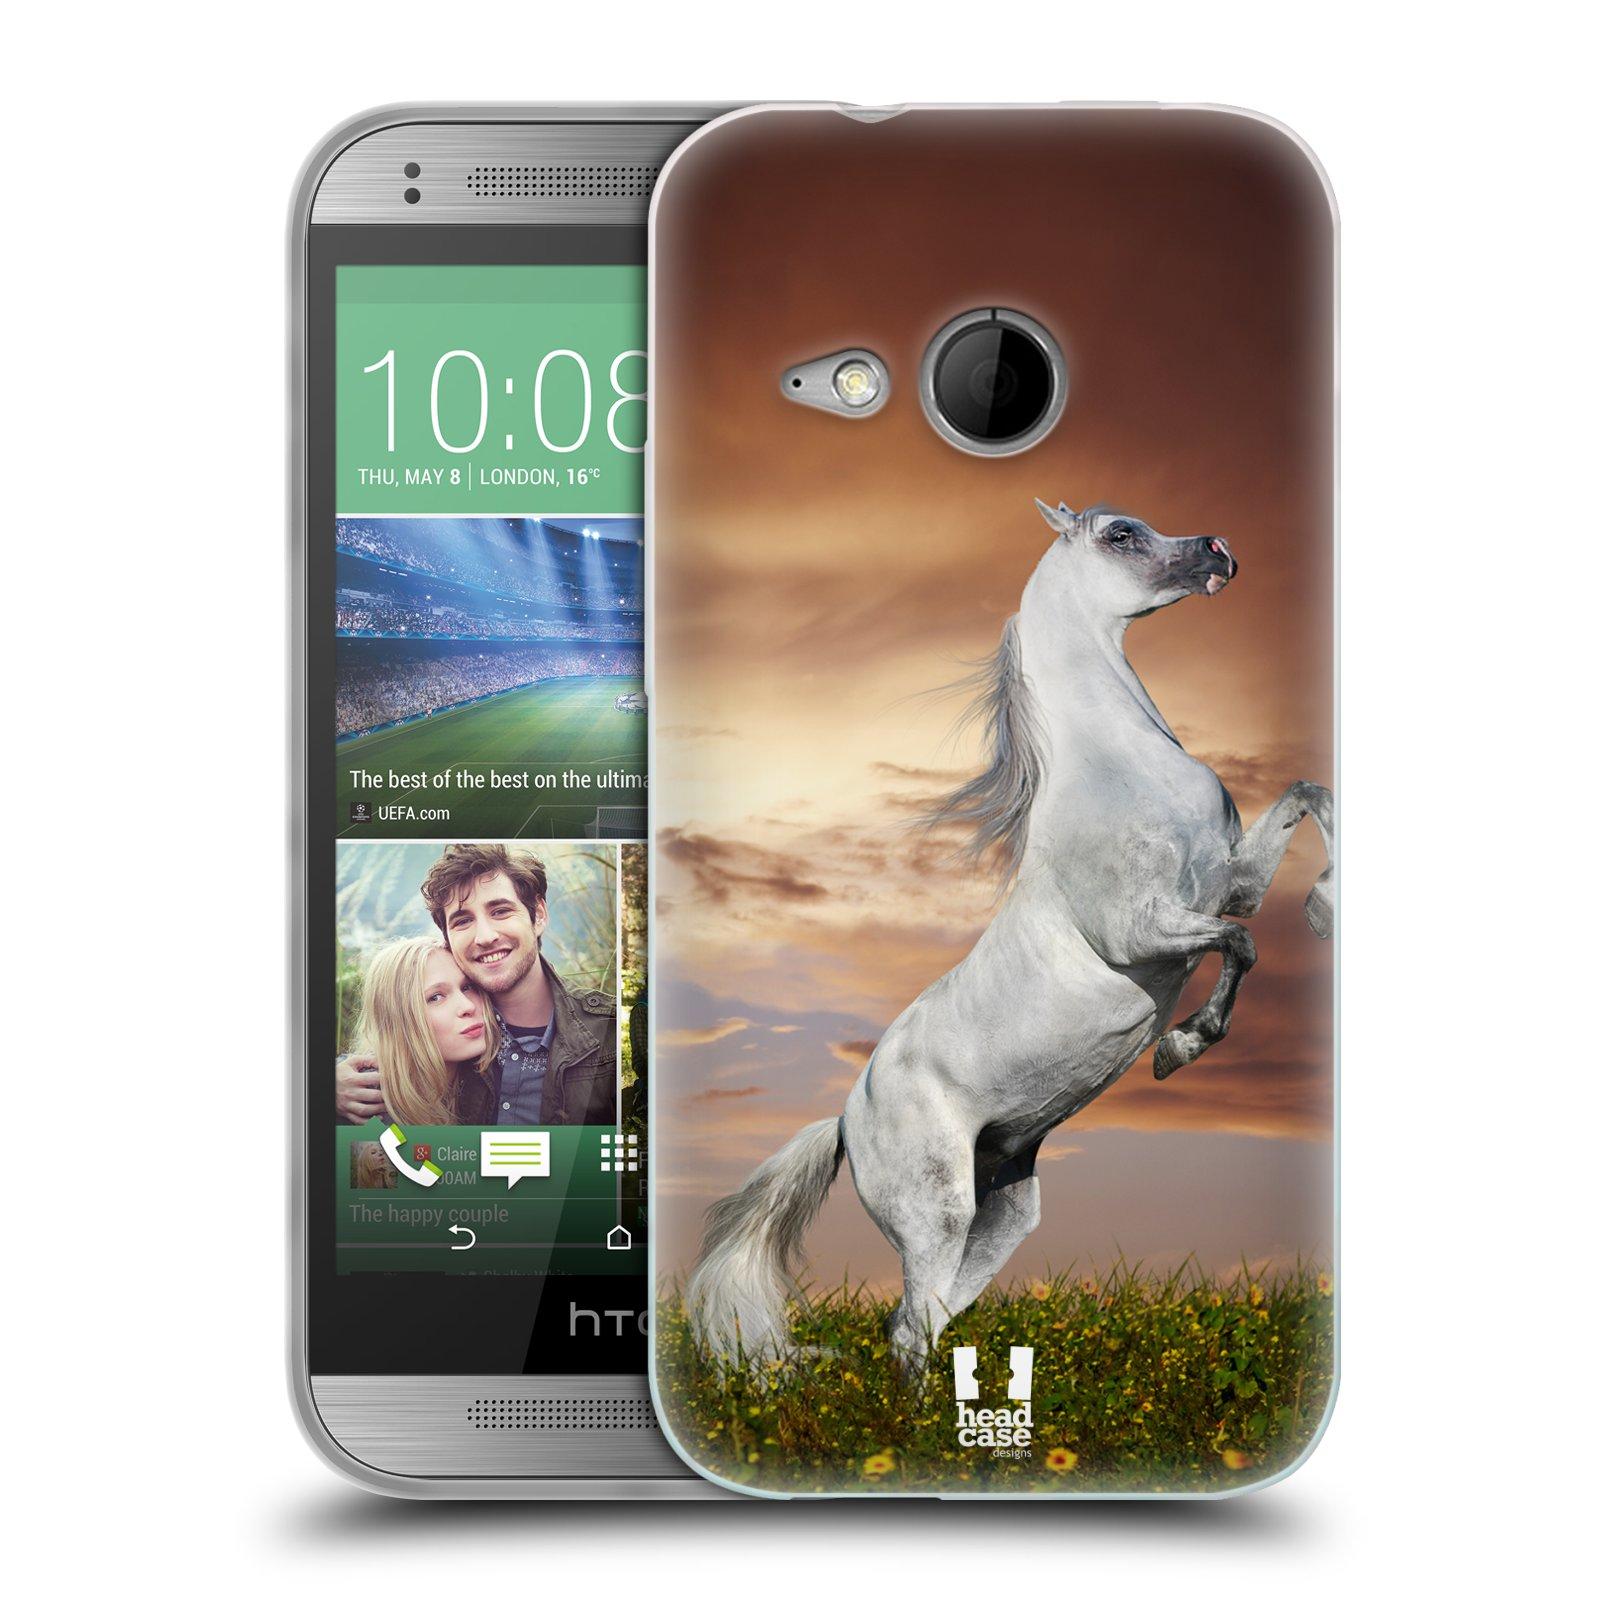 HEAD CASE silikonový obal na mobil HTC ONE MINI 2 vzor Divočina, Divoký život a zvířata foto DIVOKÝ KŮŇ MUSTANG BÍLÁ